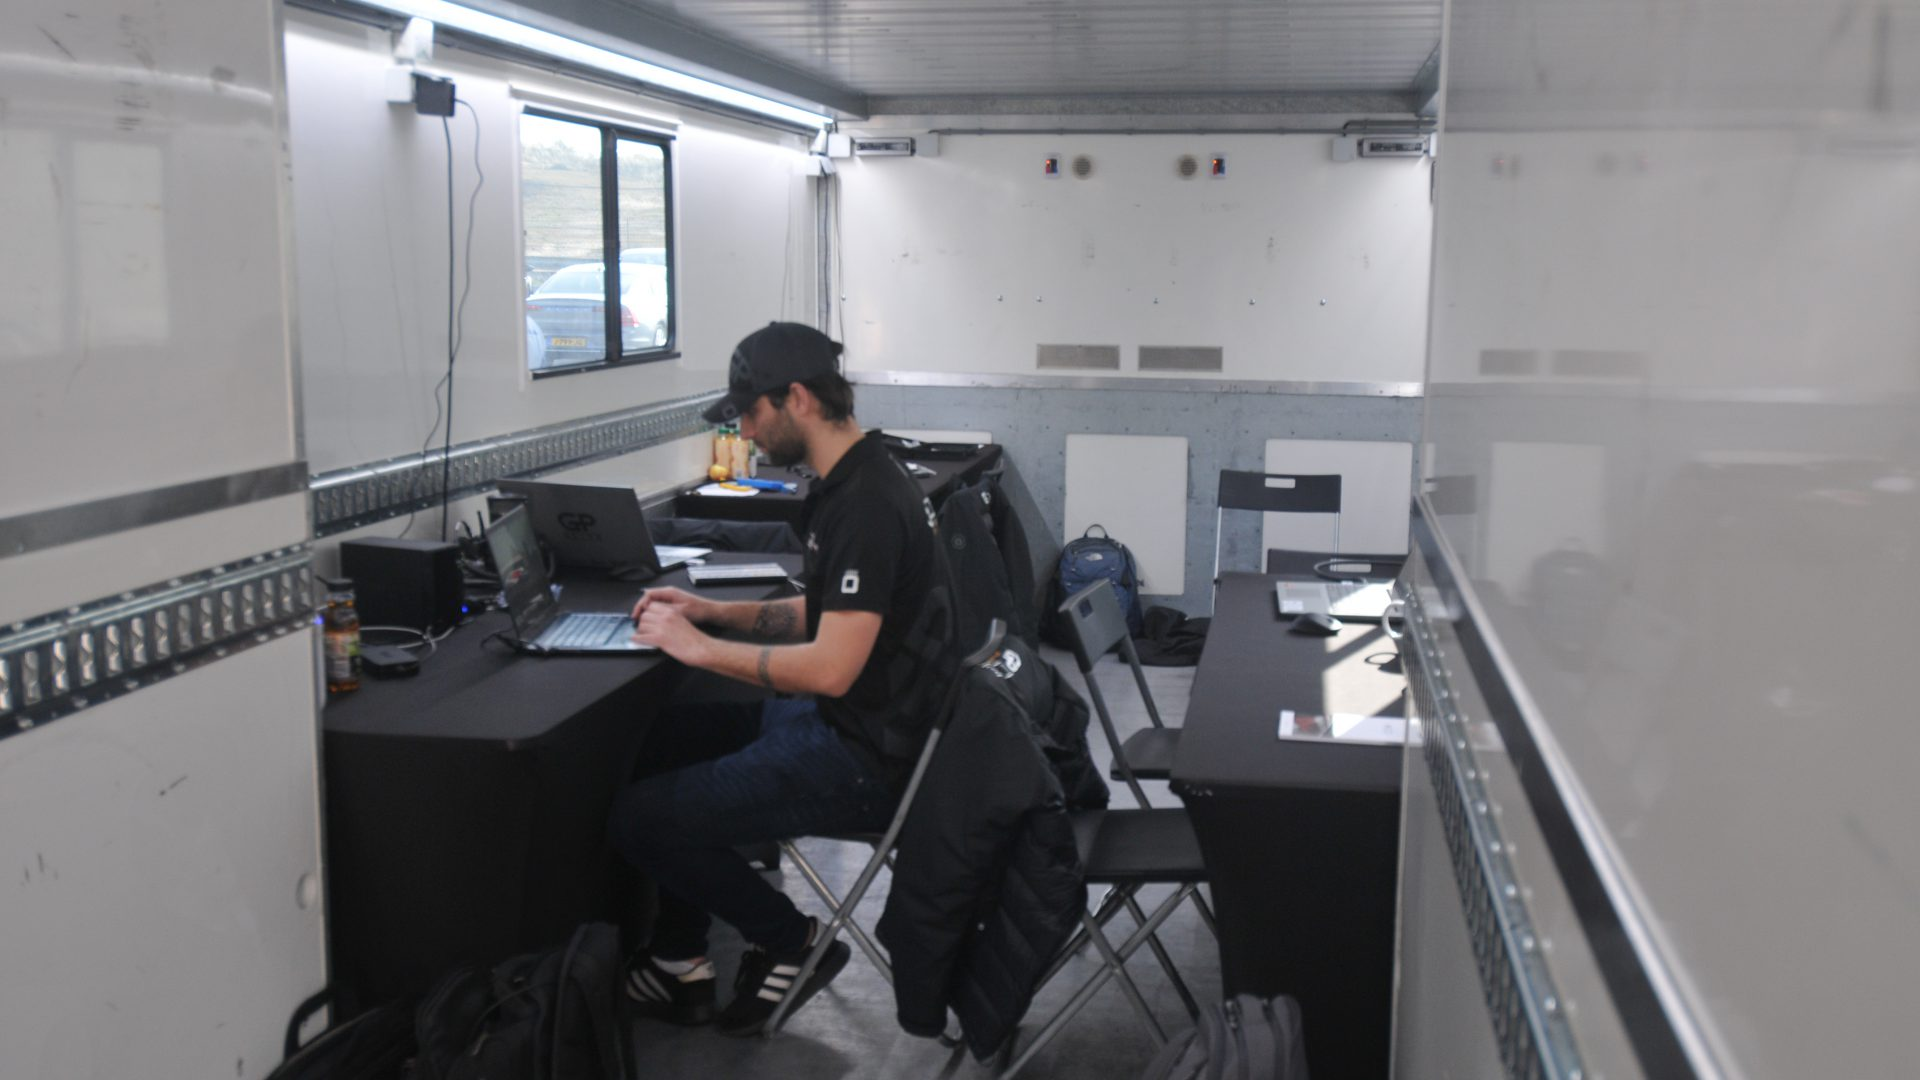 I nuovi mezzi Van Eck Trailers permettono di avere un ampio ufficio